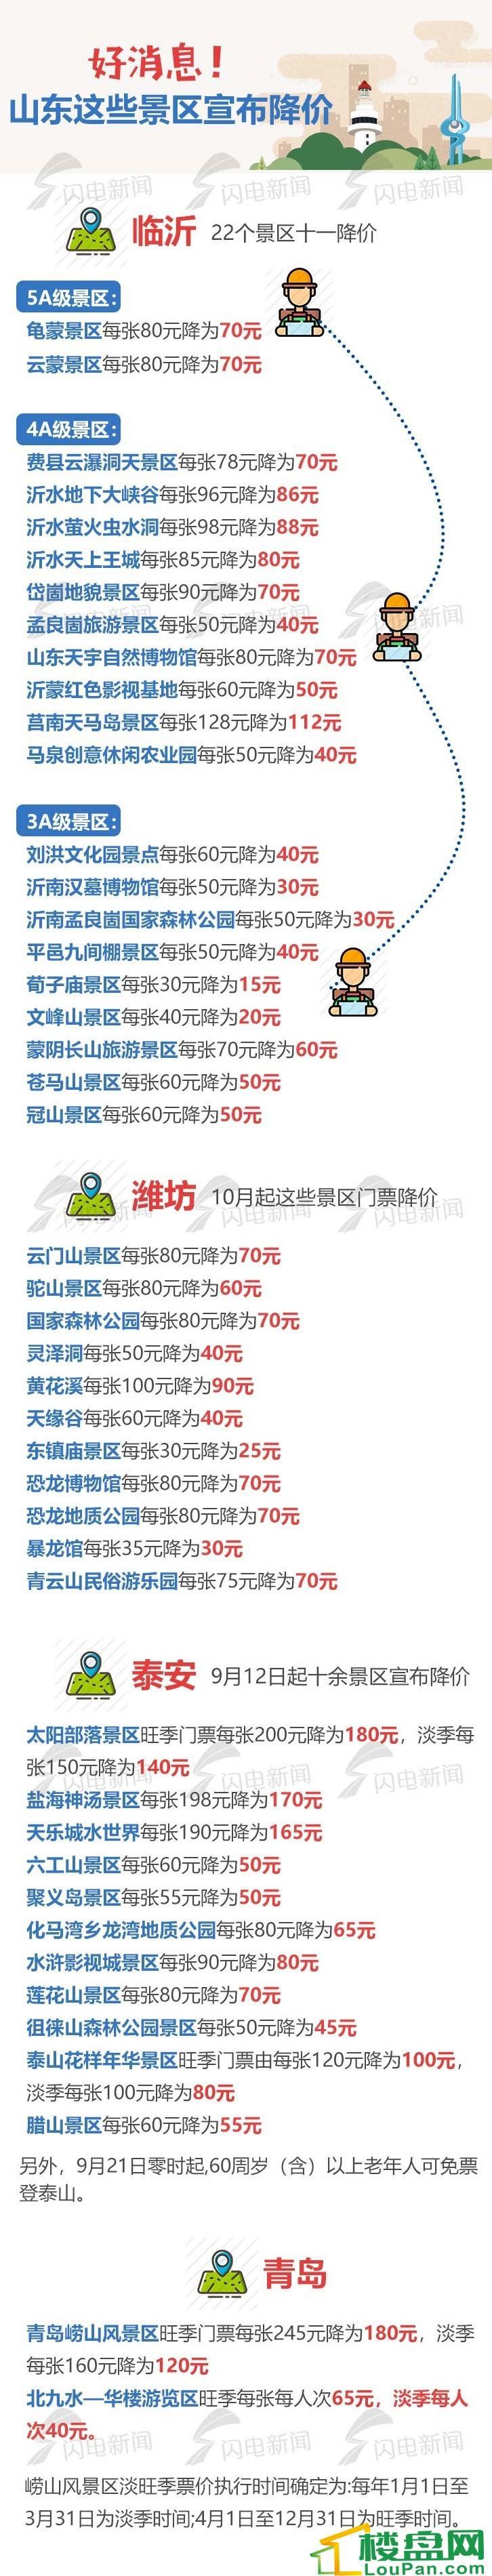 山东多景区降价 潍坊15个临沂22个泰安10余个